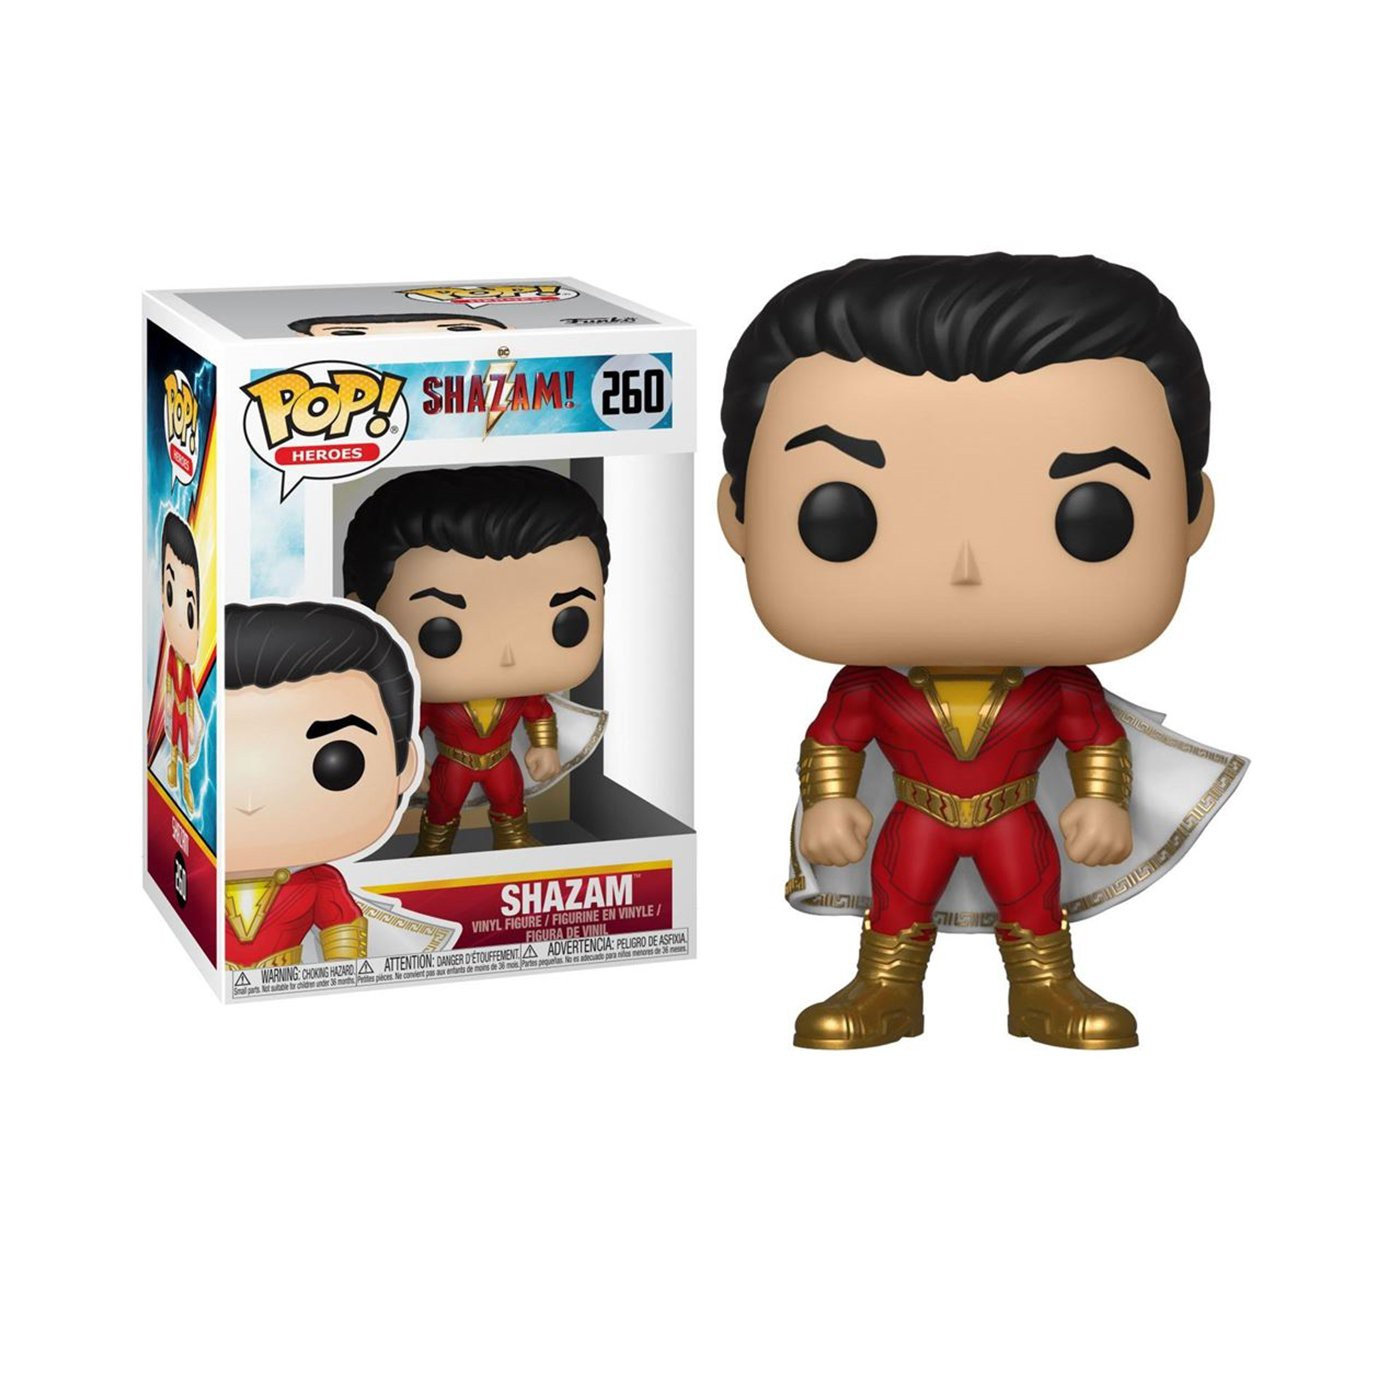 Pop! Heroes: Shazam - Shazam